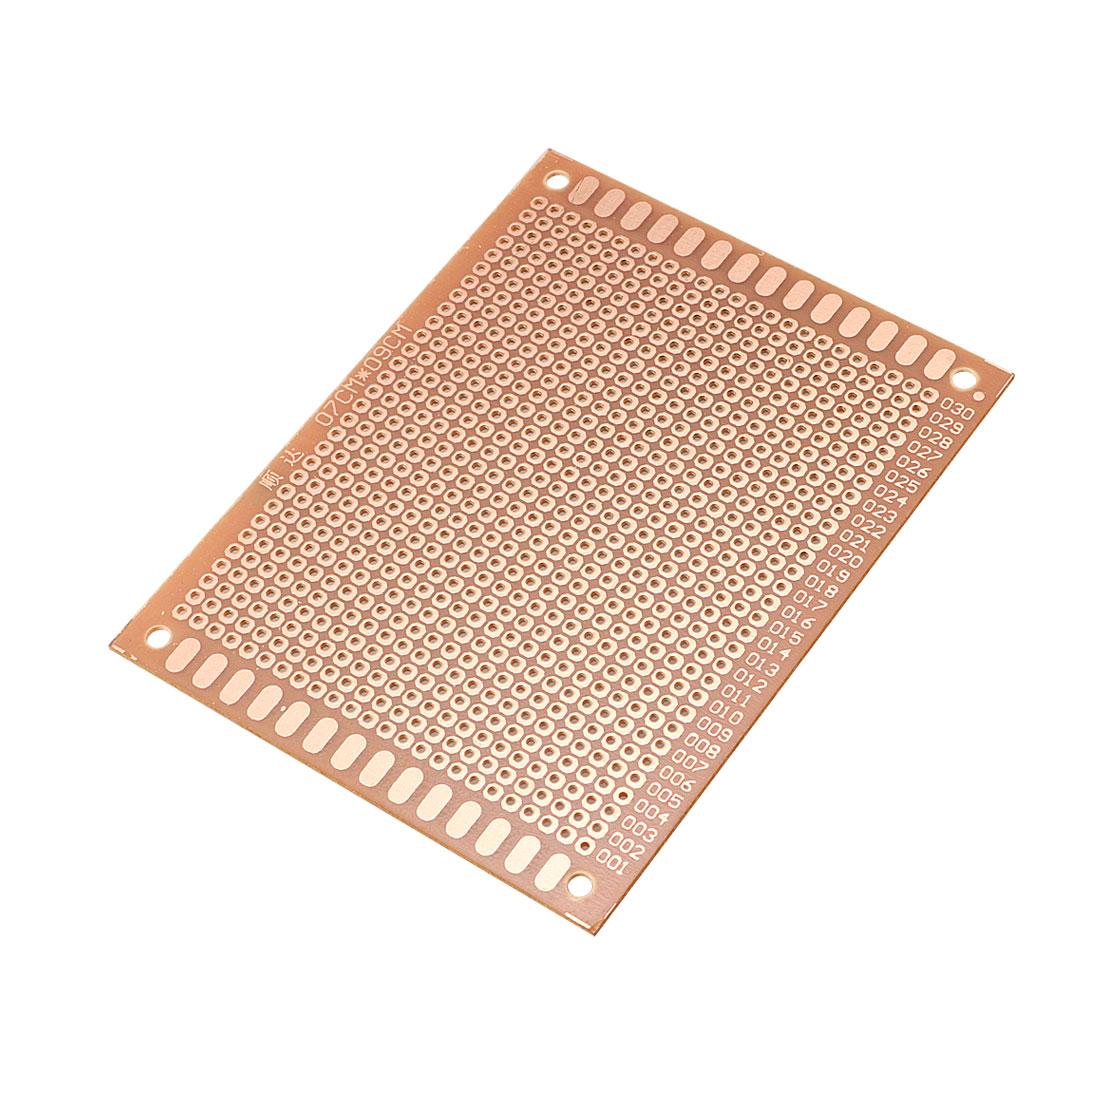 10 Pcs 7cm x 9cm Panel Universal Single Side Copper PCB Board Copper Tone